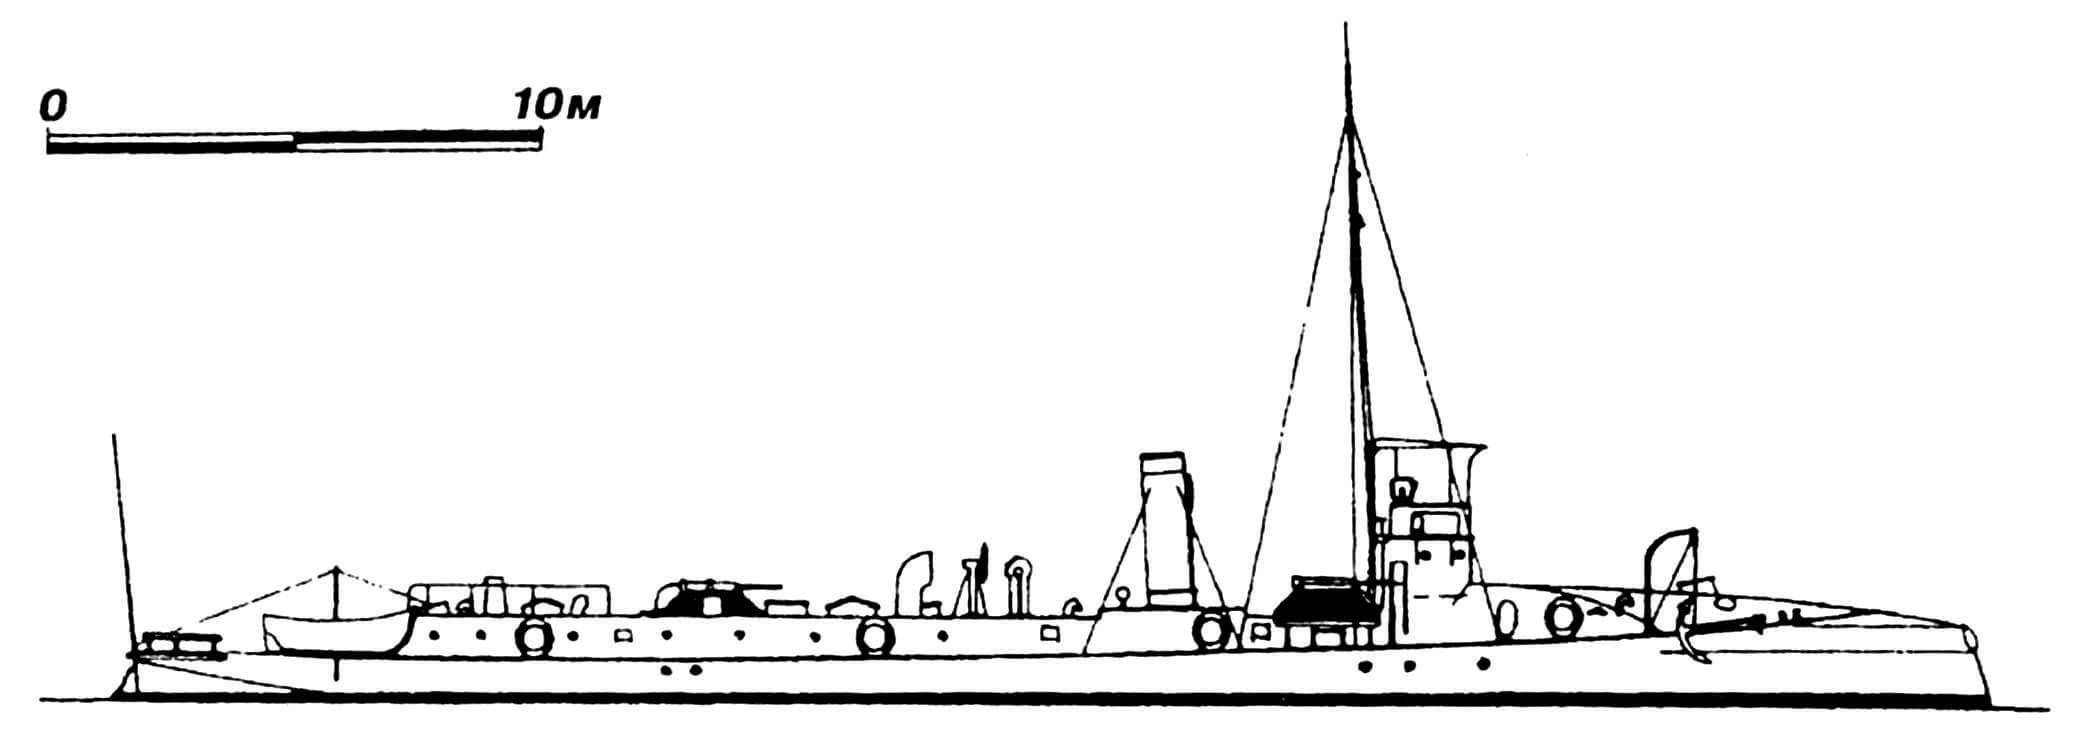 30.Миноносец «Хулиан Ордонес», Испания, 1885 г. Строился в Англии фирмой «Торникрофт» по образцу русского «Сухума». Водоизмещение нормальное 65 т. Длина наибольшая 36,5 м, ширина 3,8 м, осадка 1,89 м. Мощность одновальной паросиловой установки 660 л.с., скорость на испытаниях 19,7 узла. Вооружение: два носовых 356-мм торпедных аппарата, две 25-мм пушки. Всего построено две единицы: «X.Ордонес» и «Асеведо», позже они были переименованы в № 6 и 7. Исключены из списков флота в 1910 г.